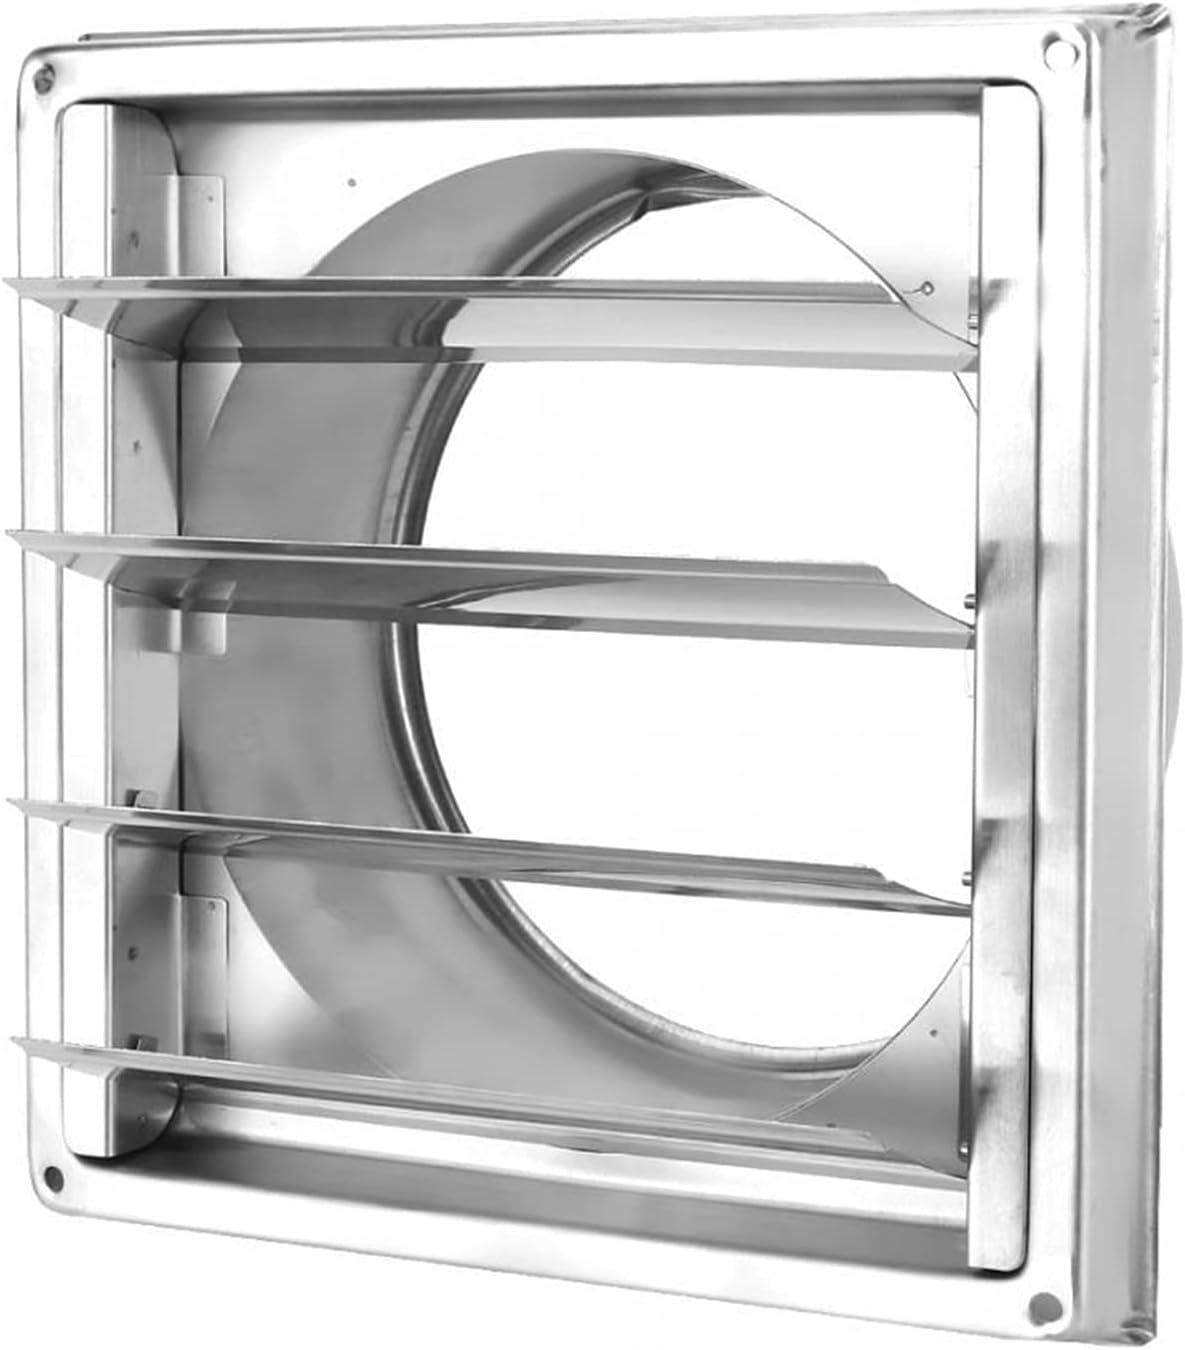 FENGFENG Sun Can 150 mm de Acero Inoxidable ventilación de Aire de la Parrilla de Aire de Salida de Aire de la Parrilla de Salida del Extractor de la Cubierta de ventilación